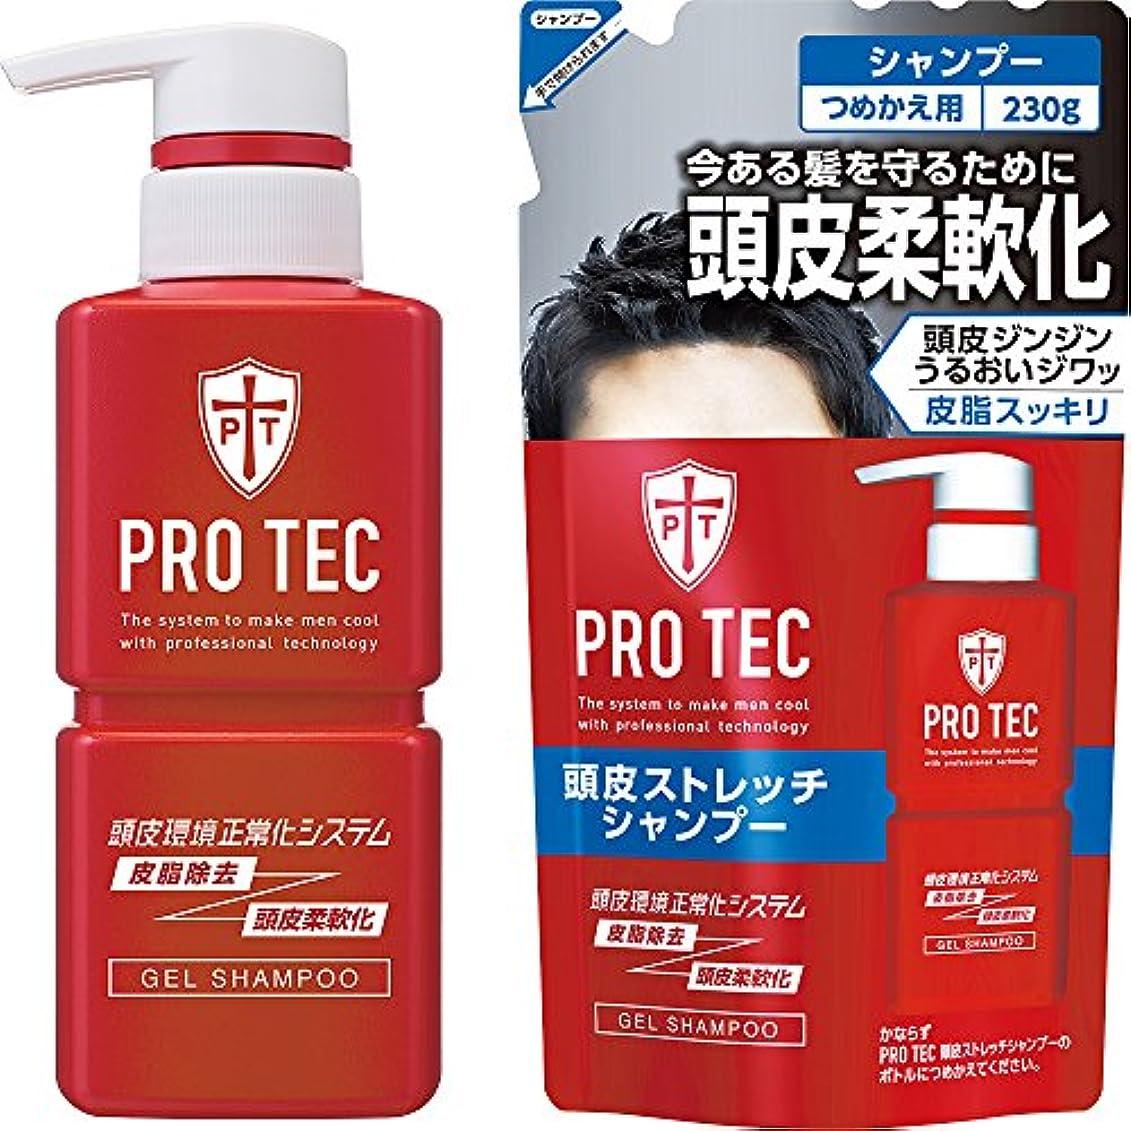 バラ色切断する平和的PRO TEC(プロテク) 頭皮ストレッチシャンプー 本体ポンプ300g+詰め替え230g セット(医薬部外品)